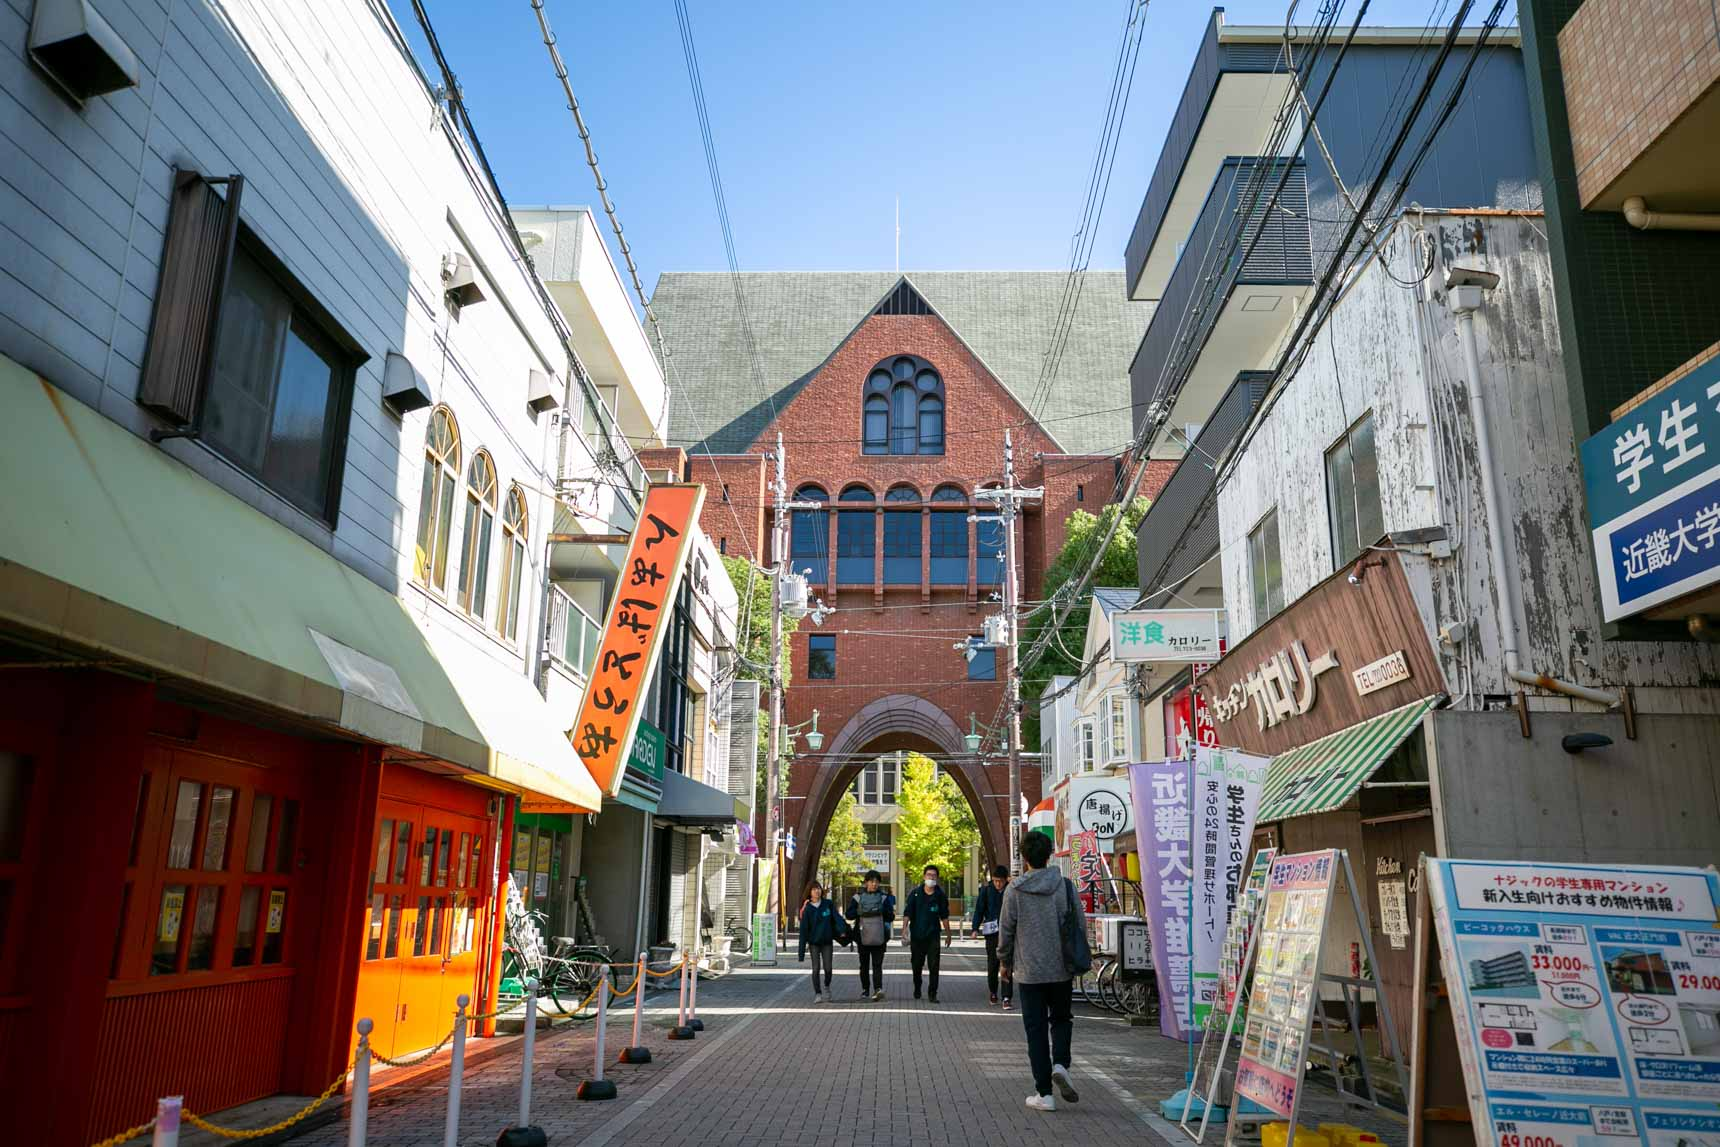 近畿大学の西門までは歩いて12〜13分、自転車で5〜6分ほど。ここから近鉄大阪線の長瀬駅までの間には、いかにも学生街といった感じ。安くて美味しいお店がたくさん連なっています。